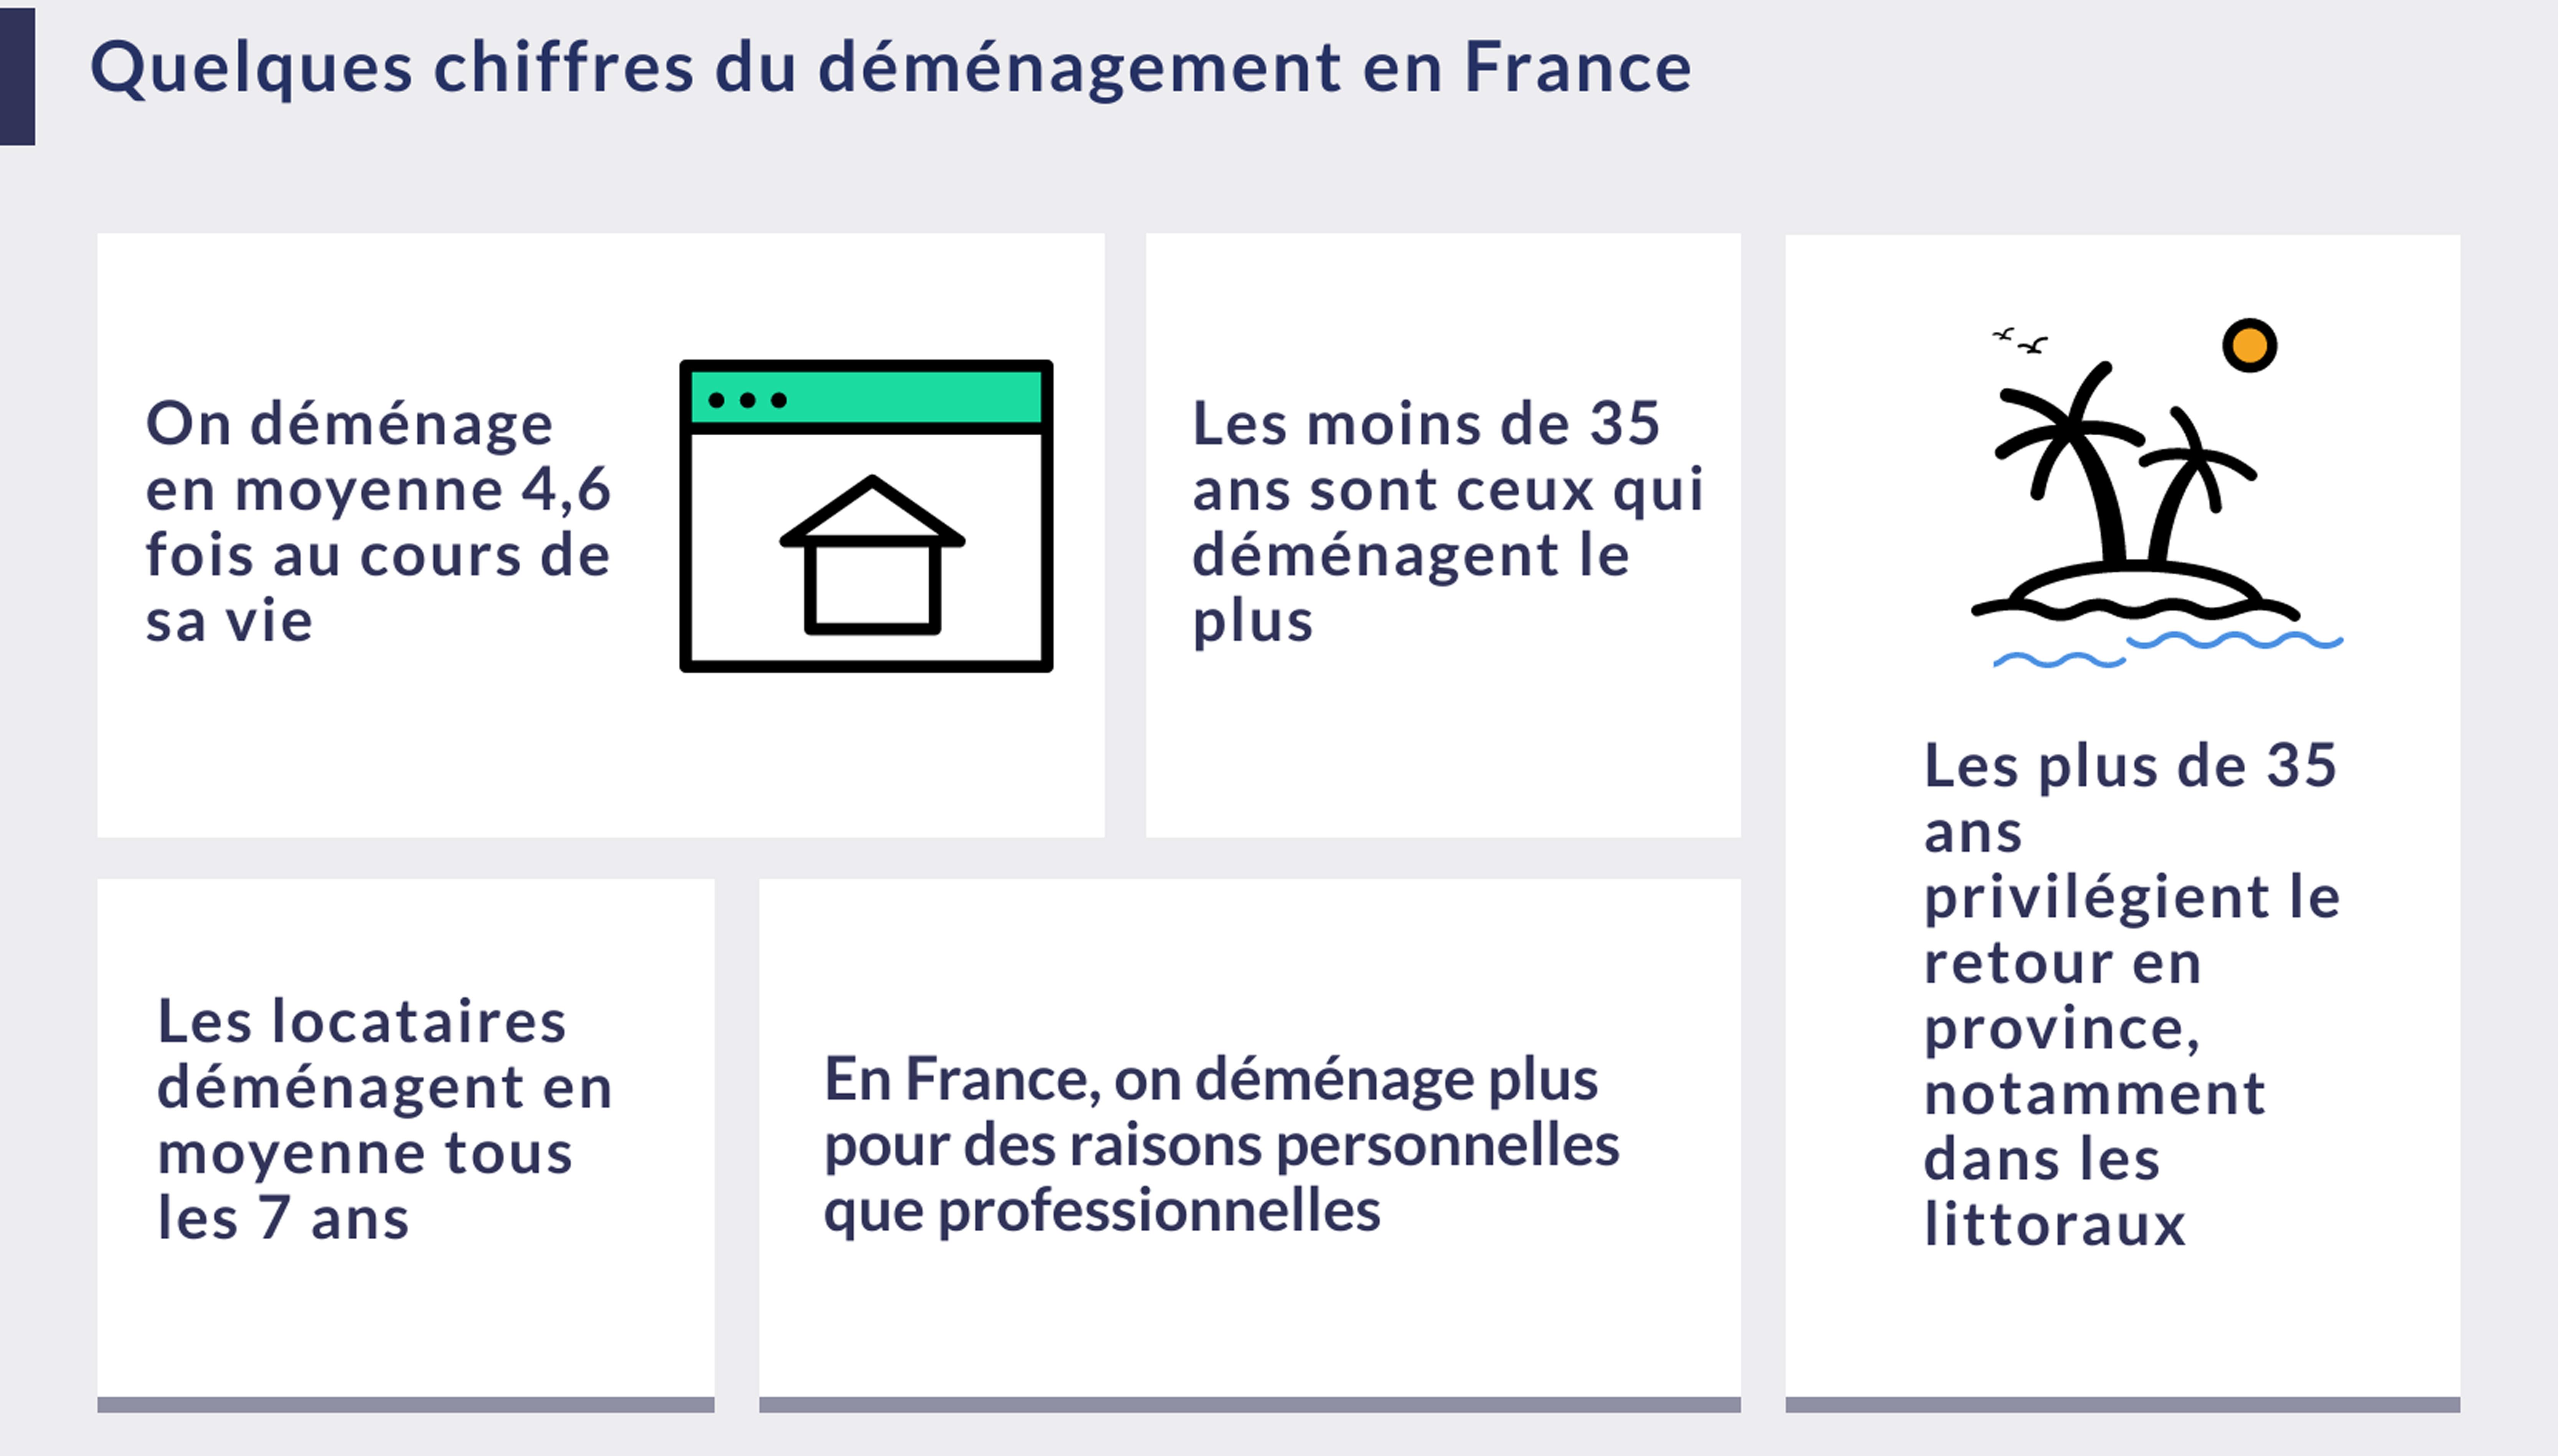 Quelques chiffres du déménagement en France